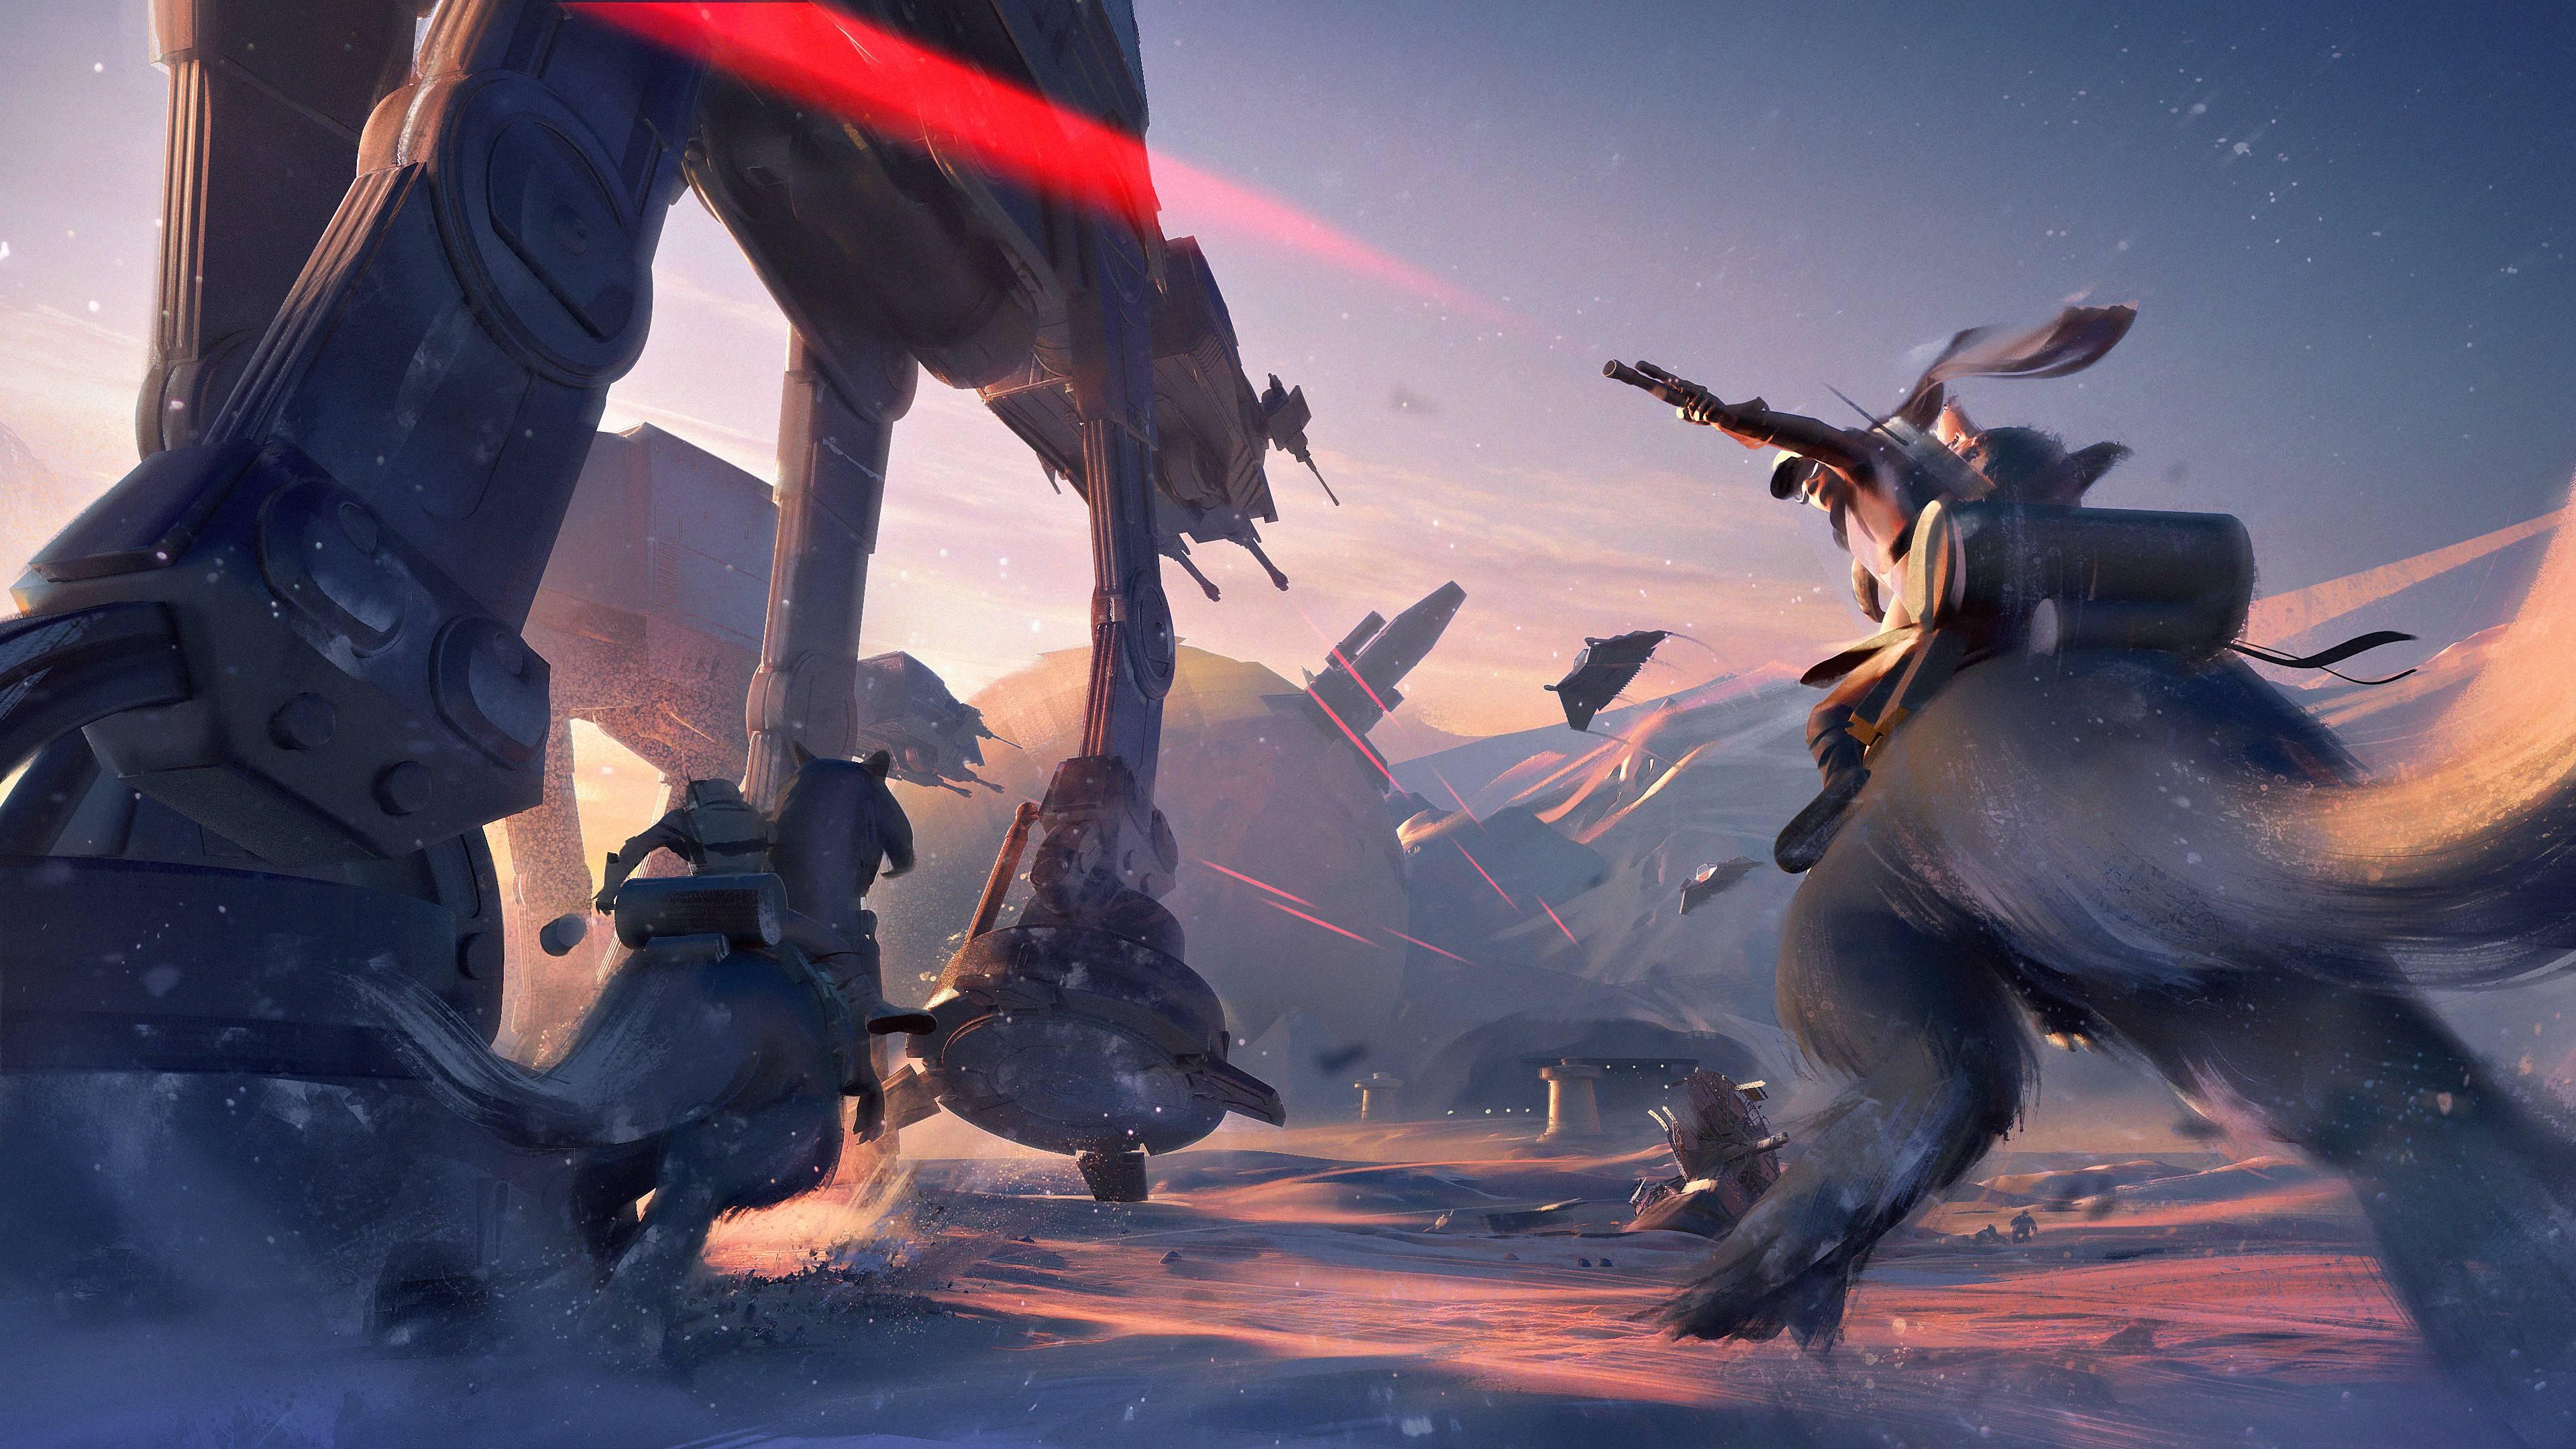 Star Wars: Battlefront 2 nabídne vylepšené souboje hrdinů a nový přístup k vozidlům 142312